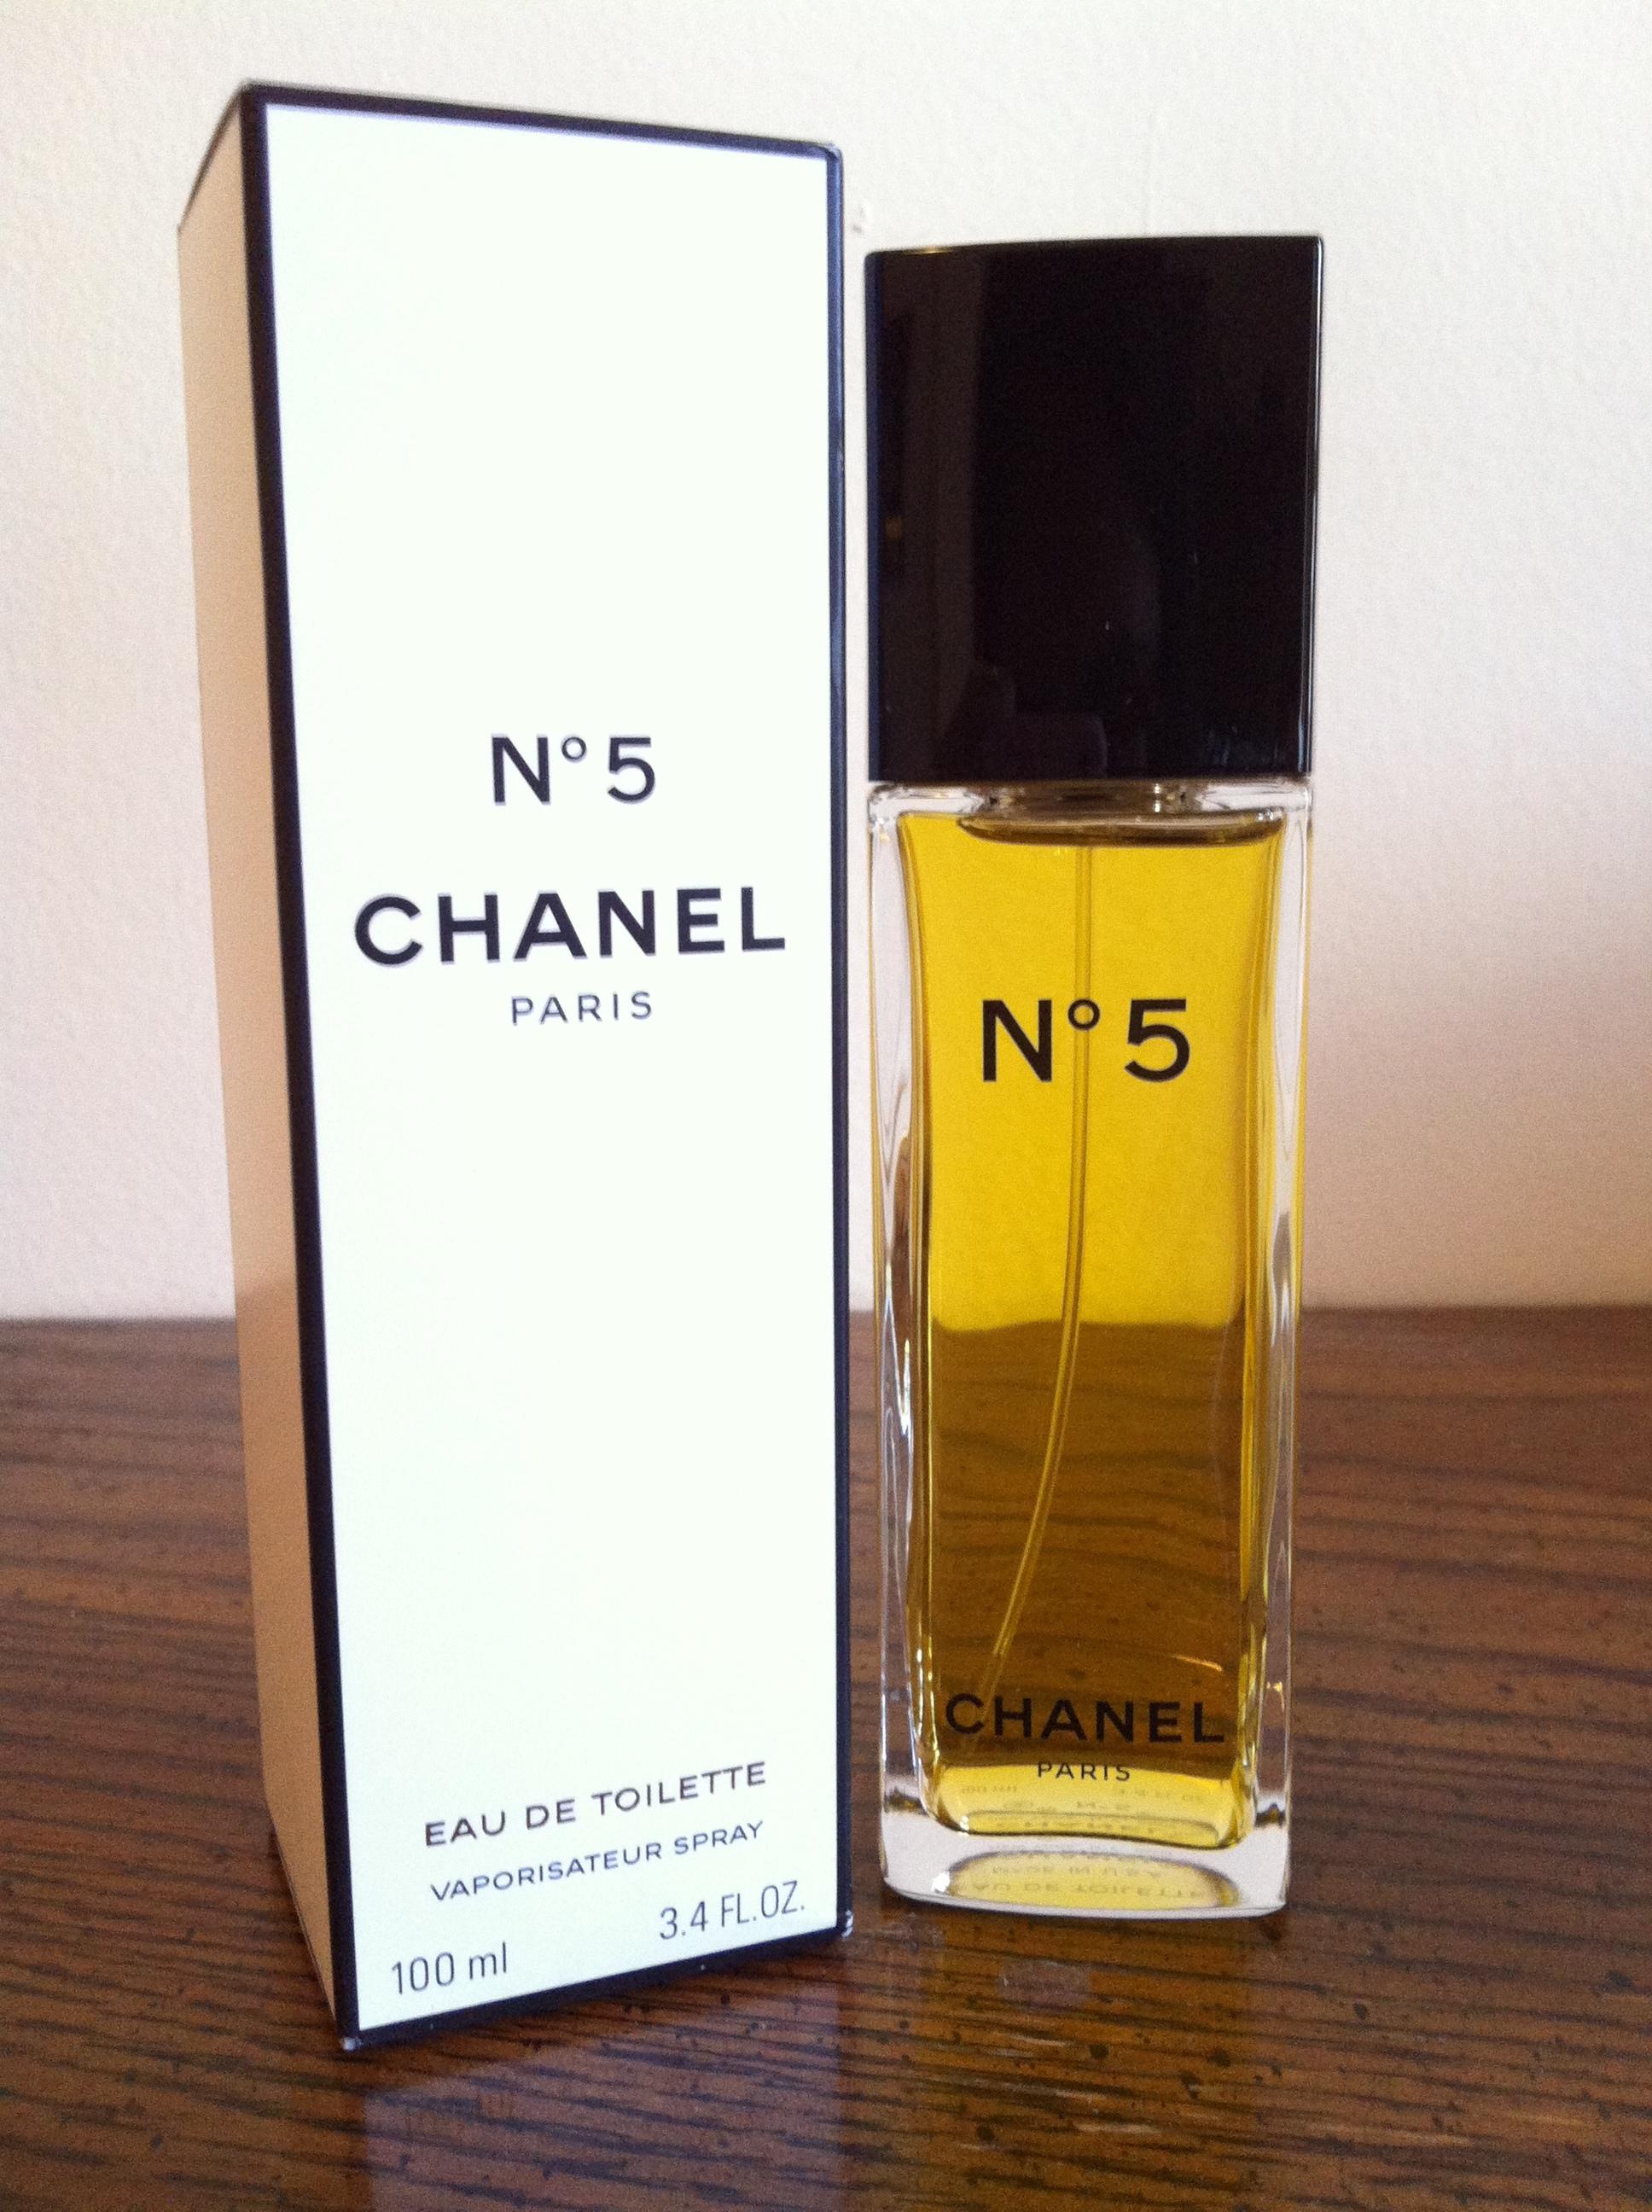 684211be30 Chanel No.5 Eau De Toilette 3.4 Oz